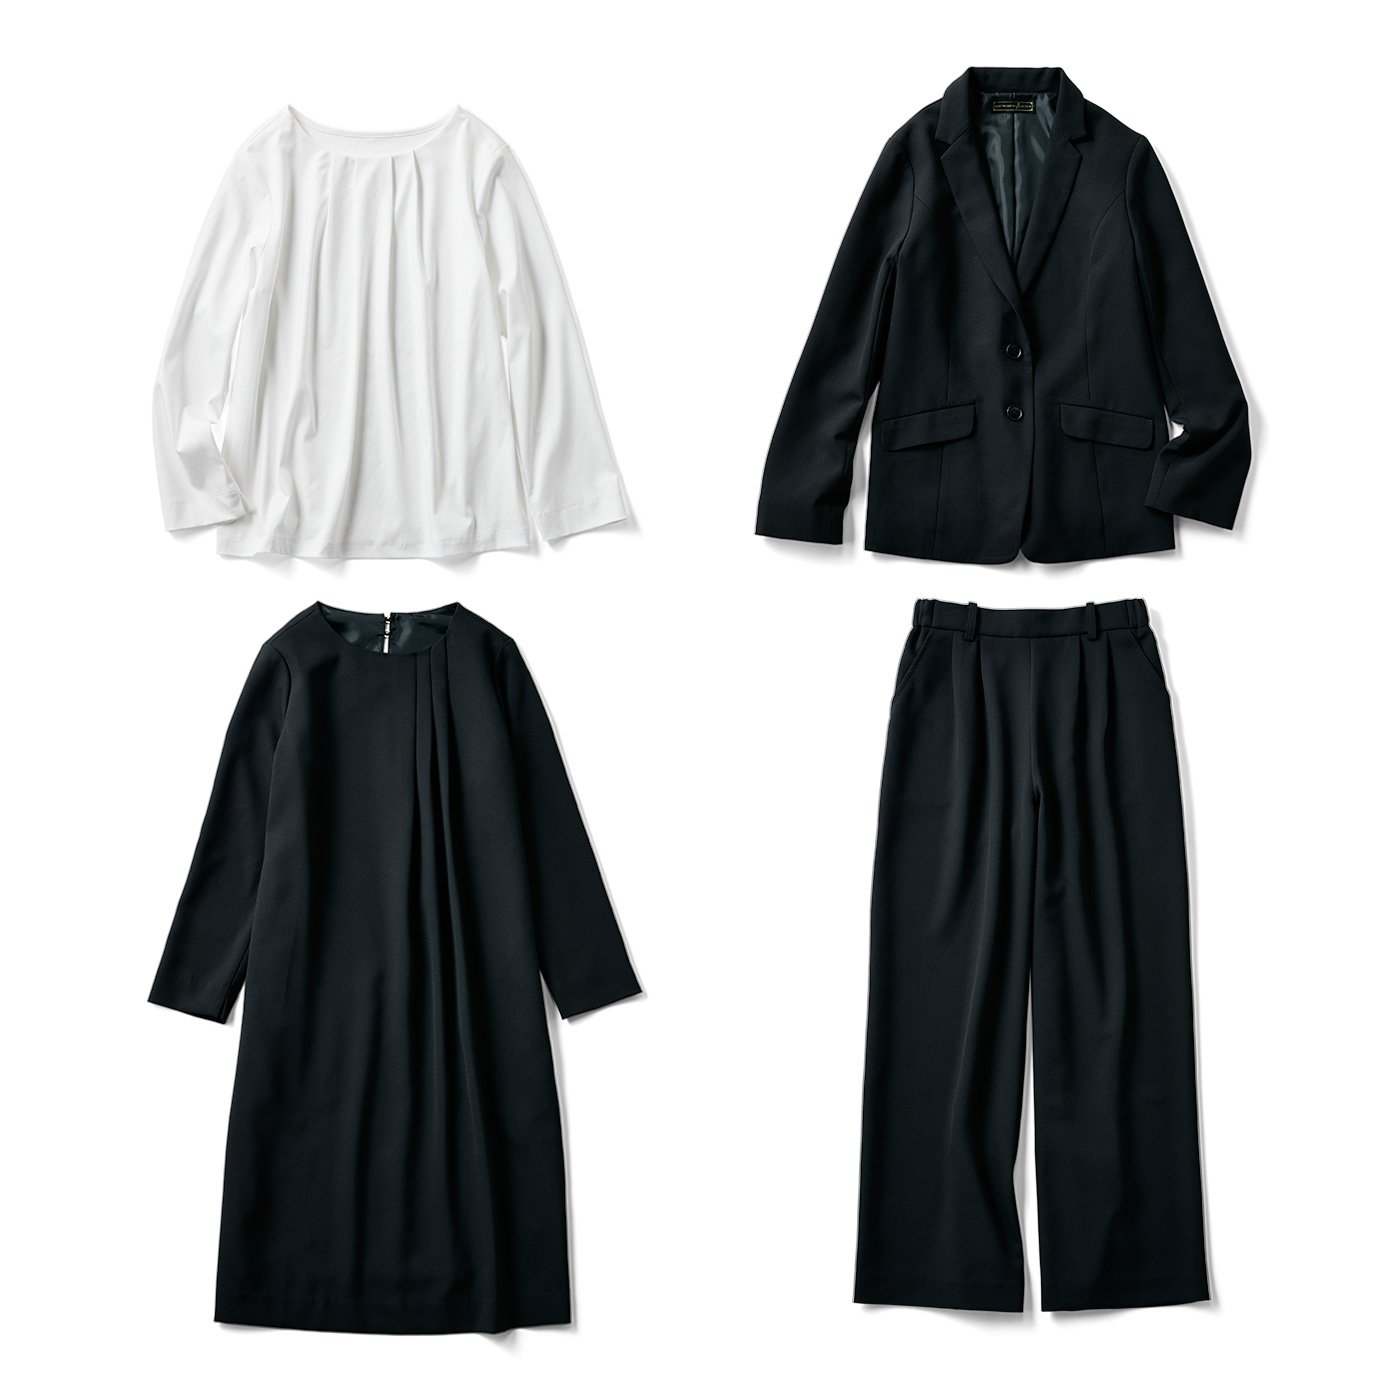 IEDIT[イディット] 上品に着まわせる迷わず使える4点セット〈ブラック〉